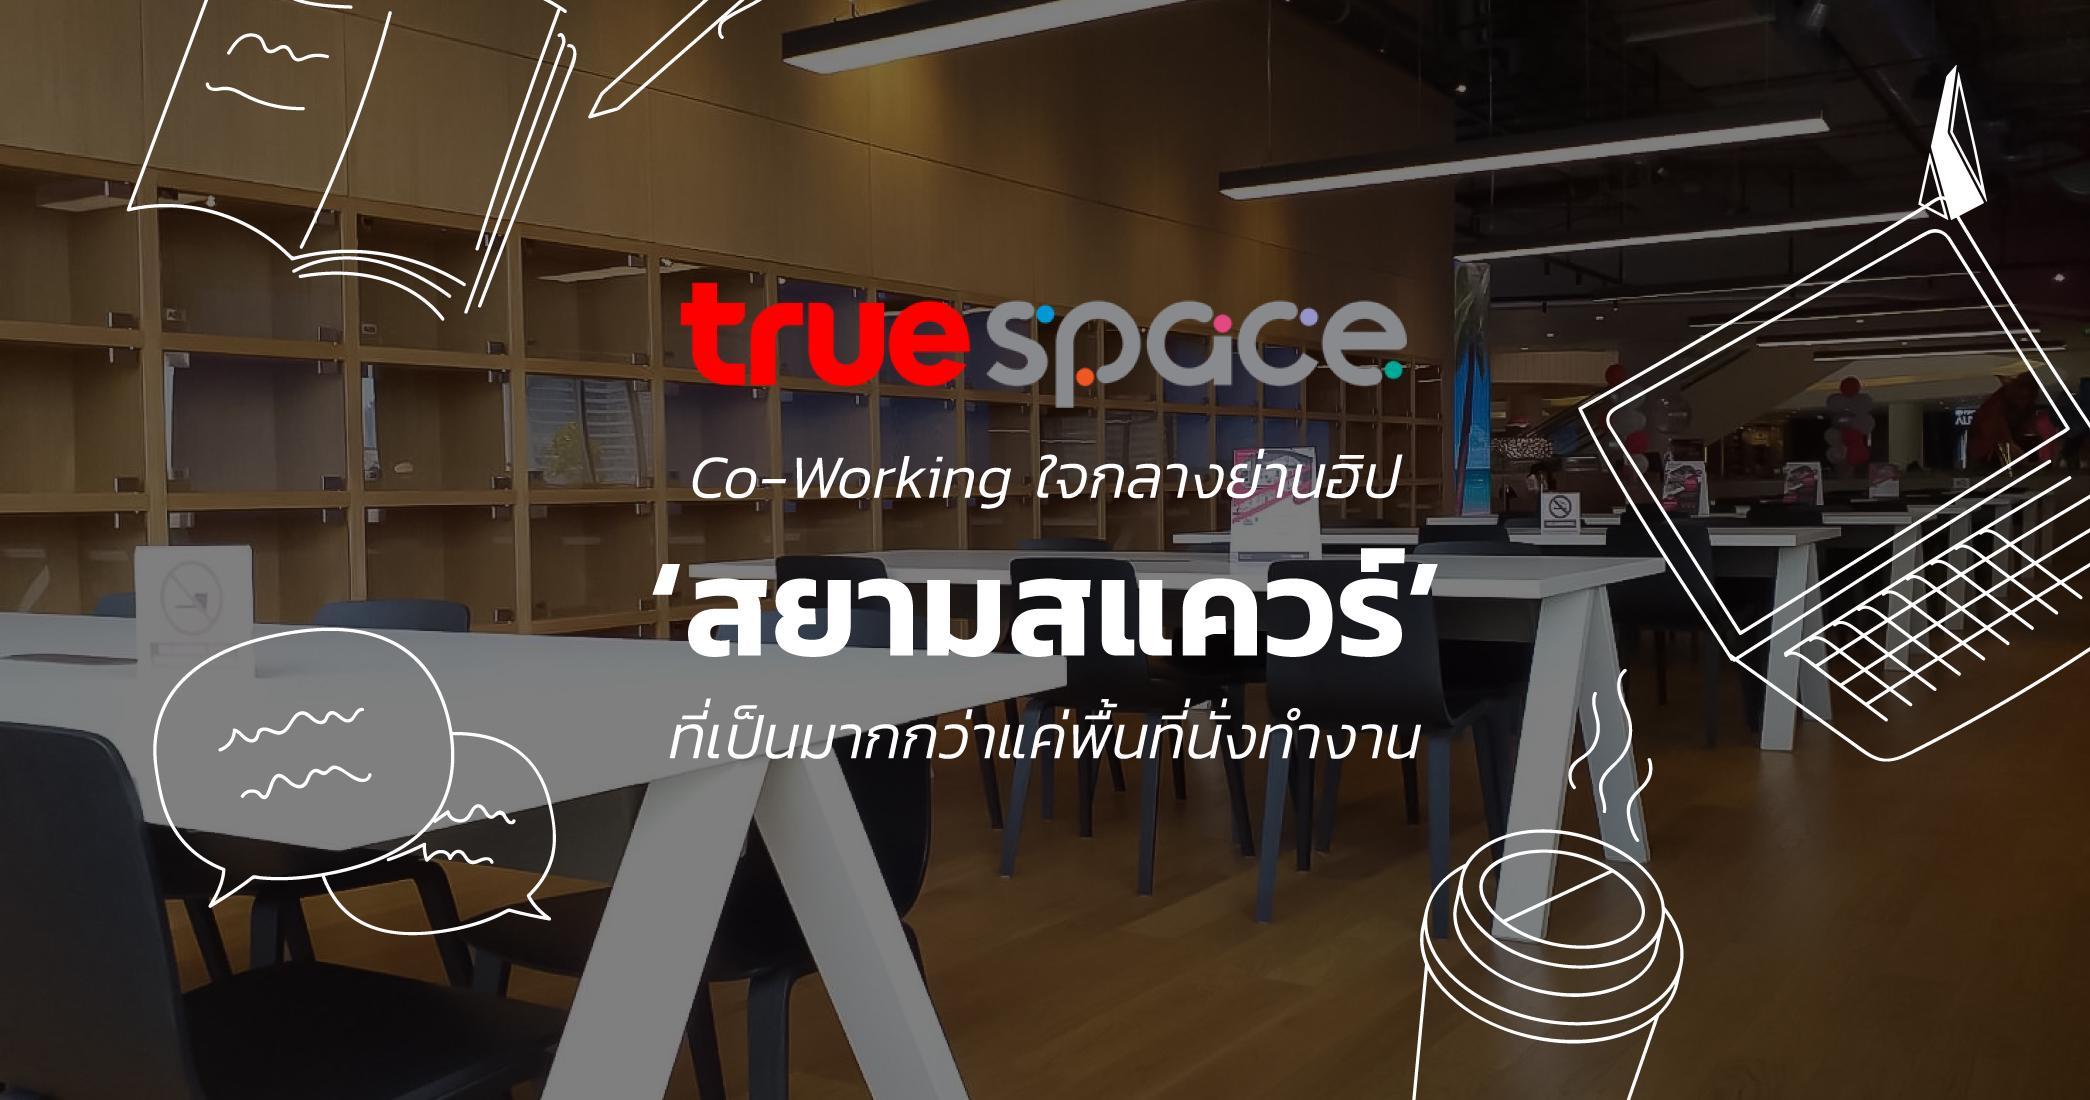 รูปบทความ True Space : Co-Working ใจกลางย่านฮิป 'สยามสแควร์' ที่เป็นมากกว่าแค่พื้นที่นั่งทำงาน